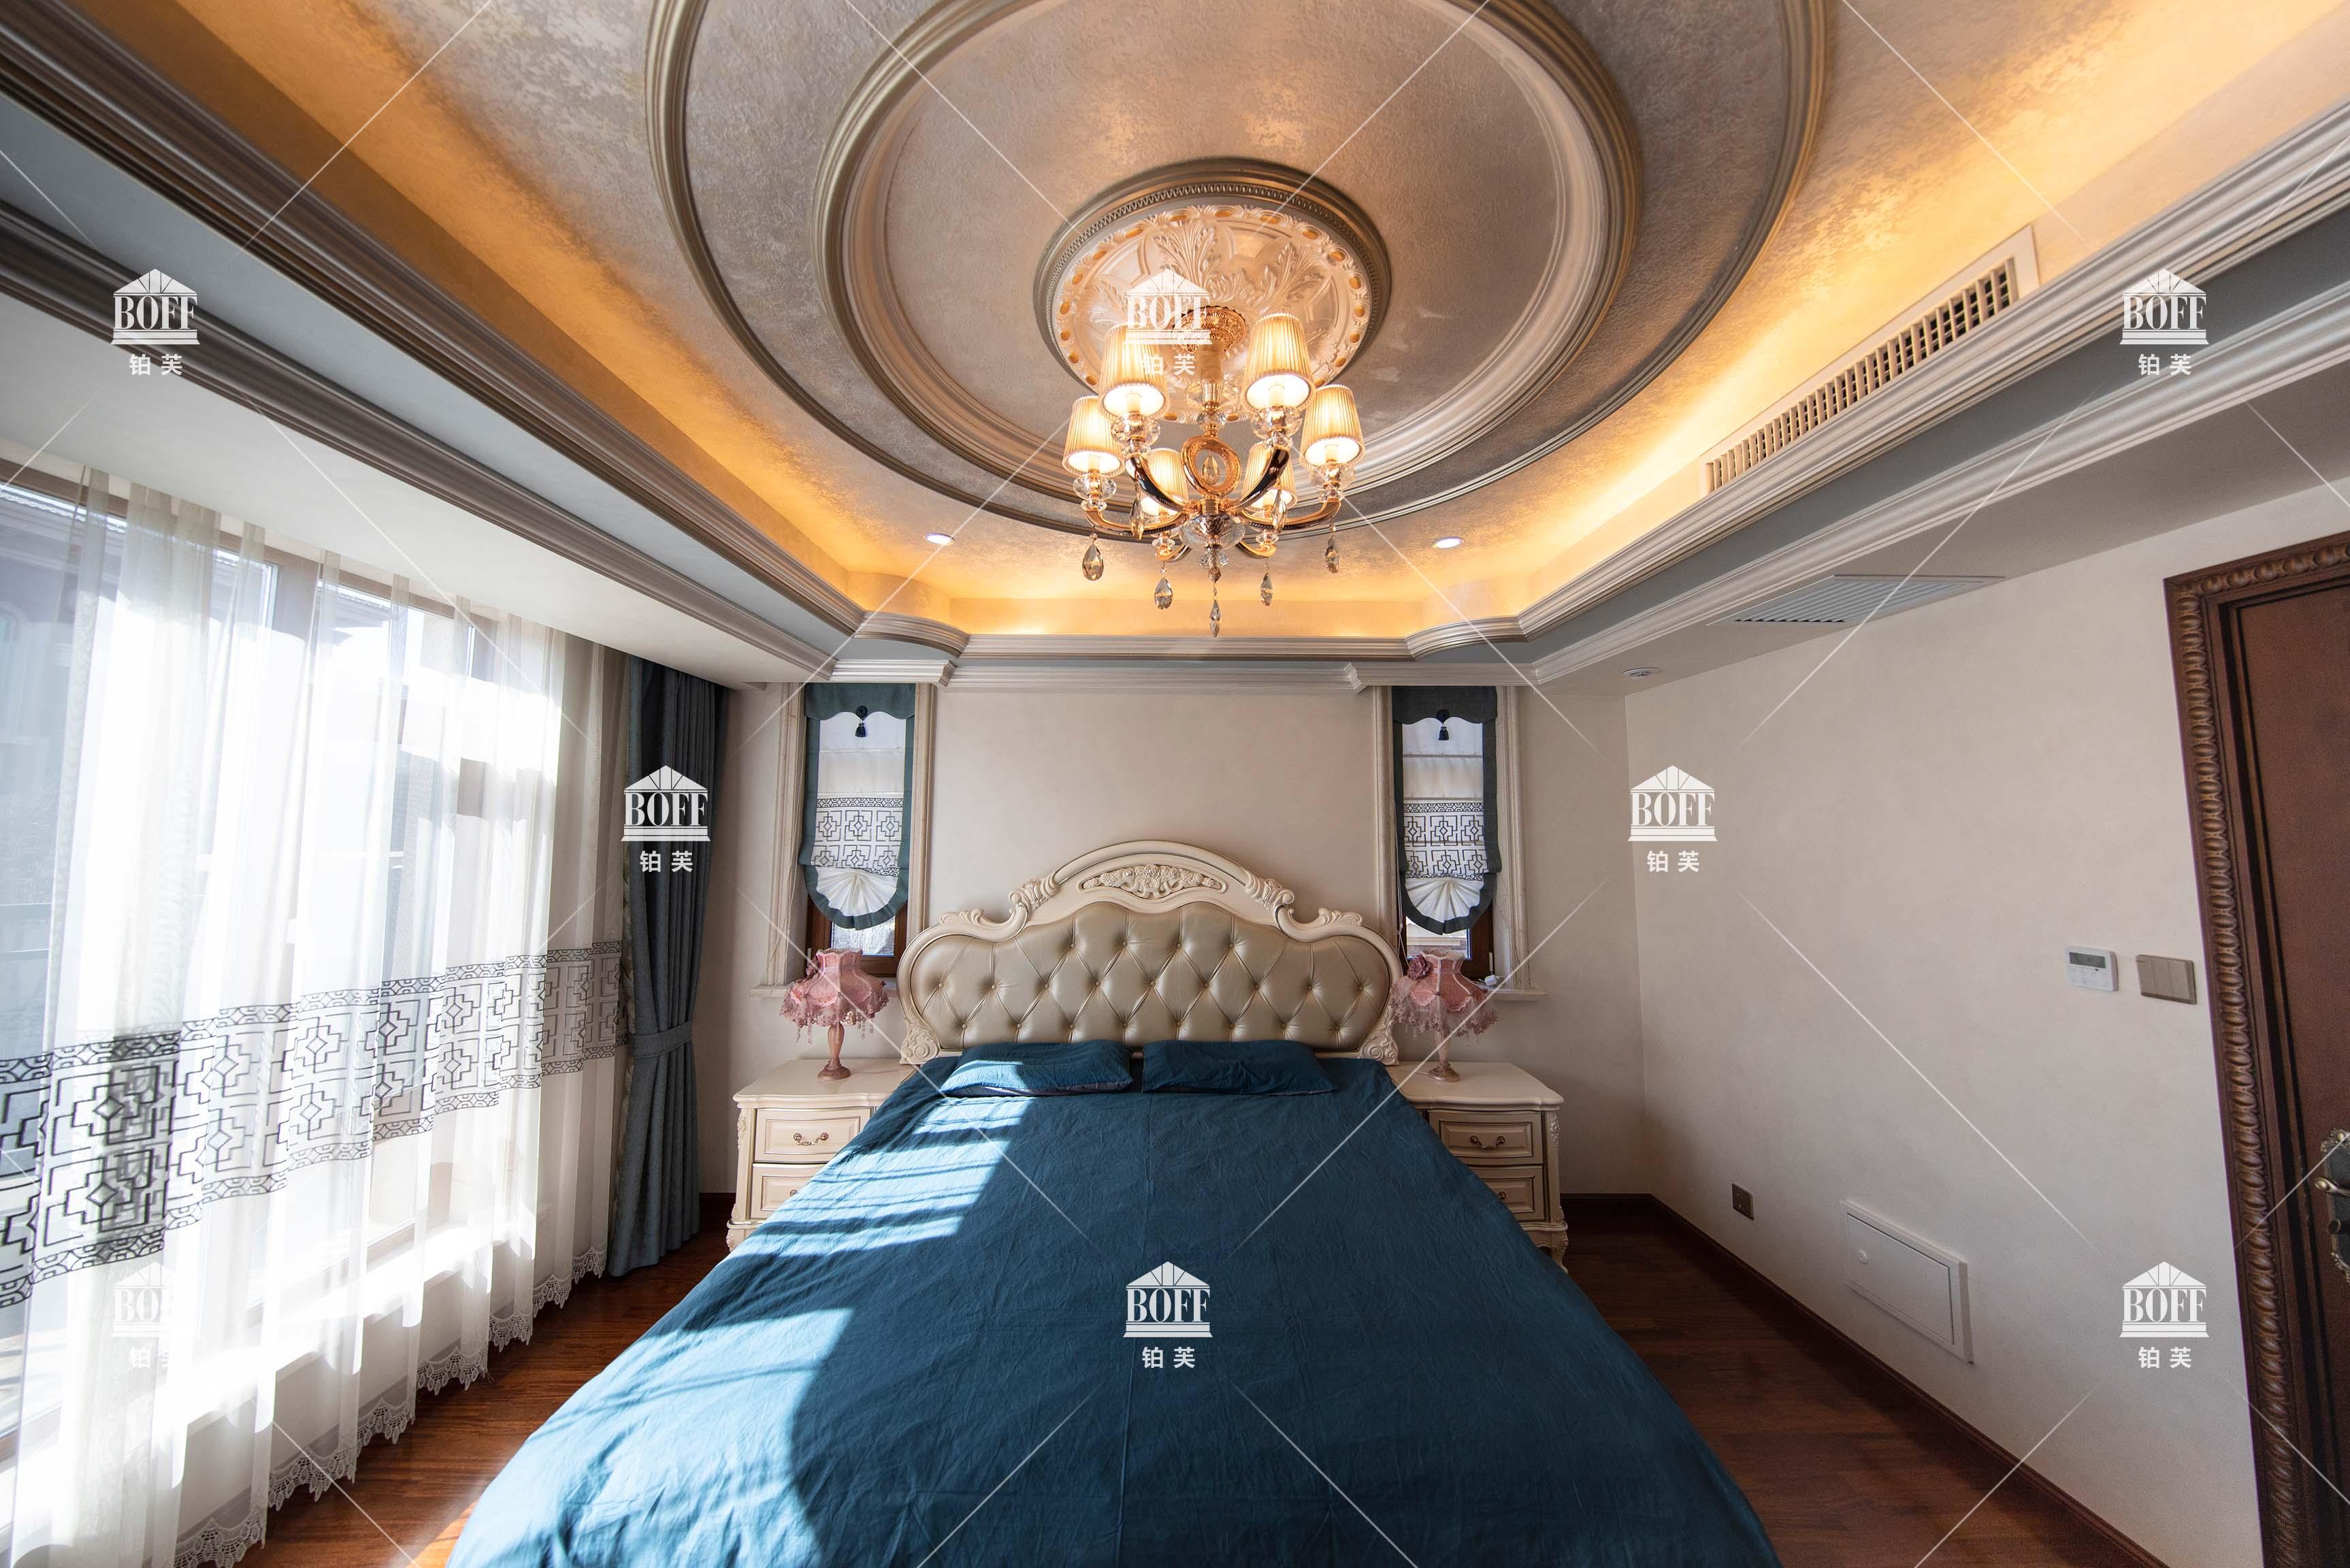 吉林市艺术漆加盟前景 吉林省铂芙低碳壁材科技供应